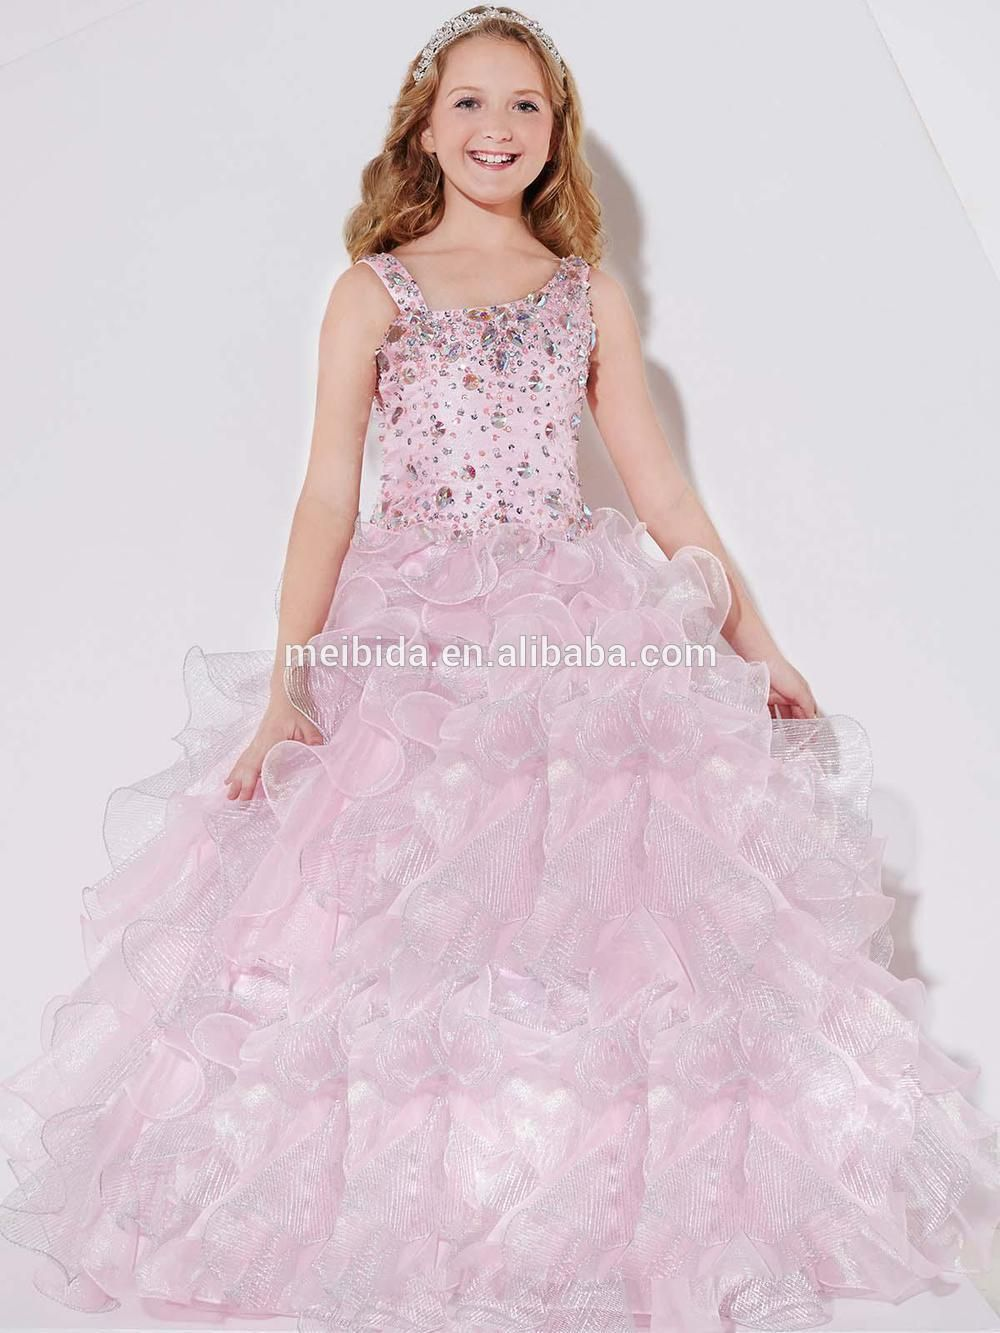 vestidos para reinas de niñas - Buscar con Google | NIÑAS ...